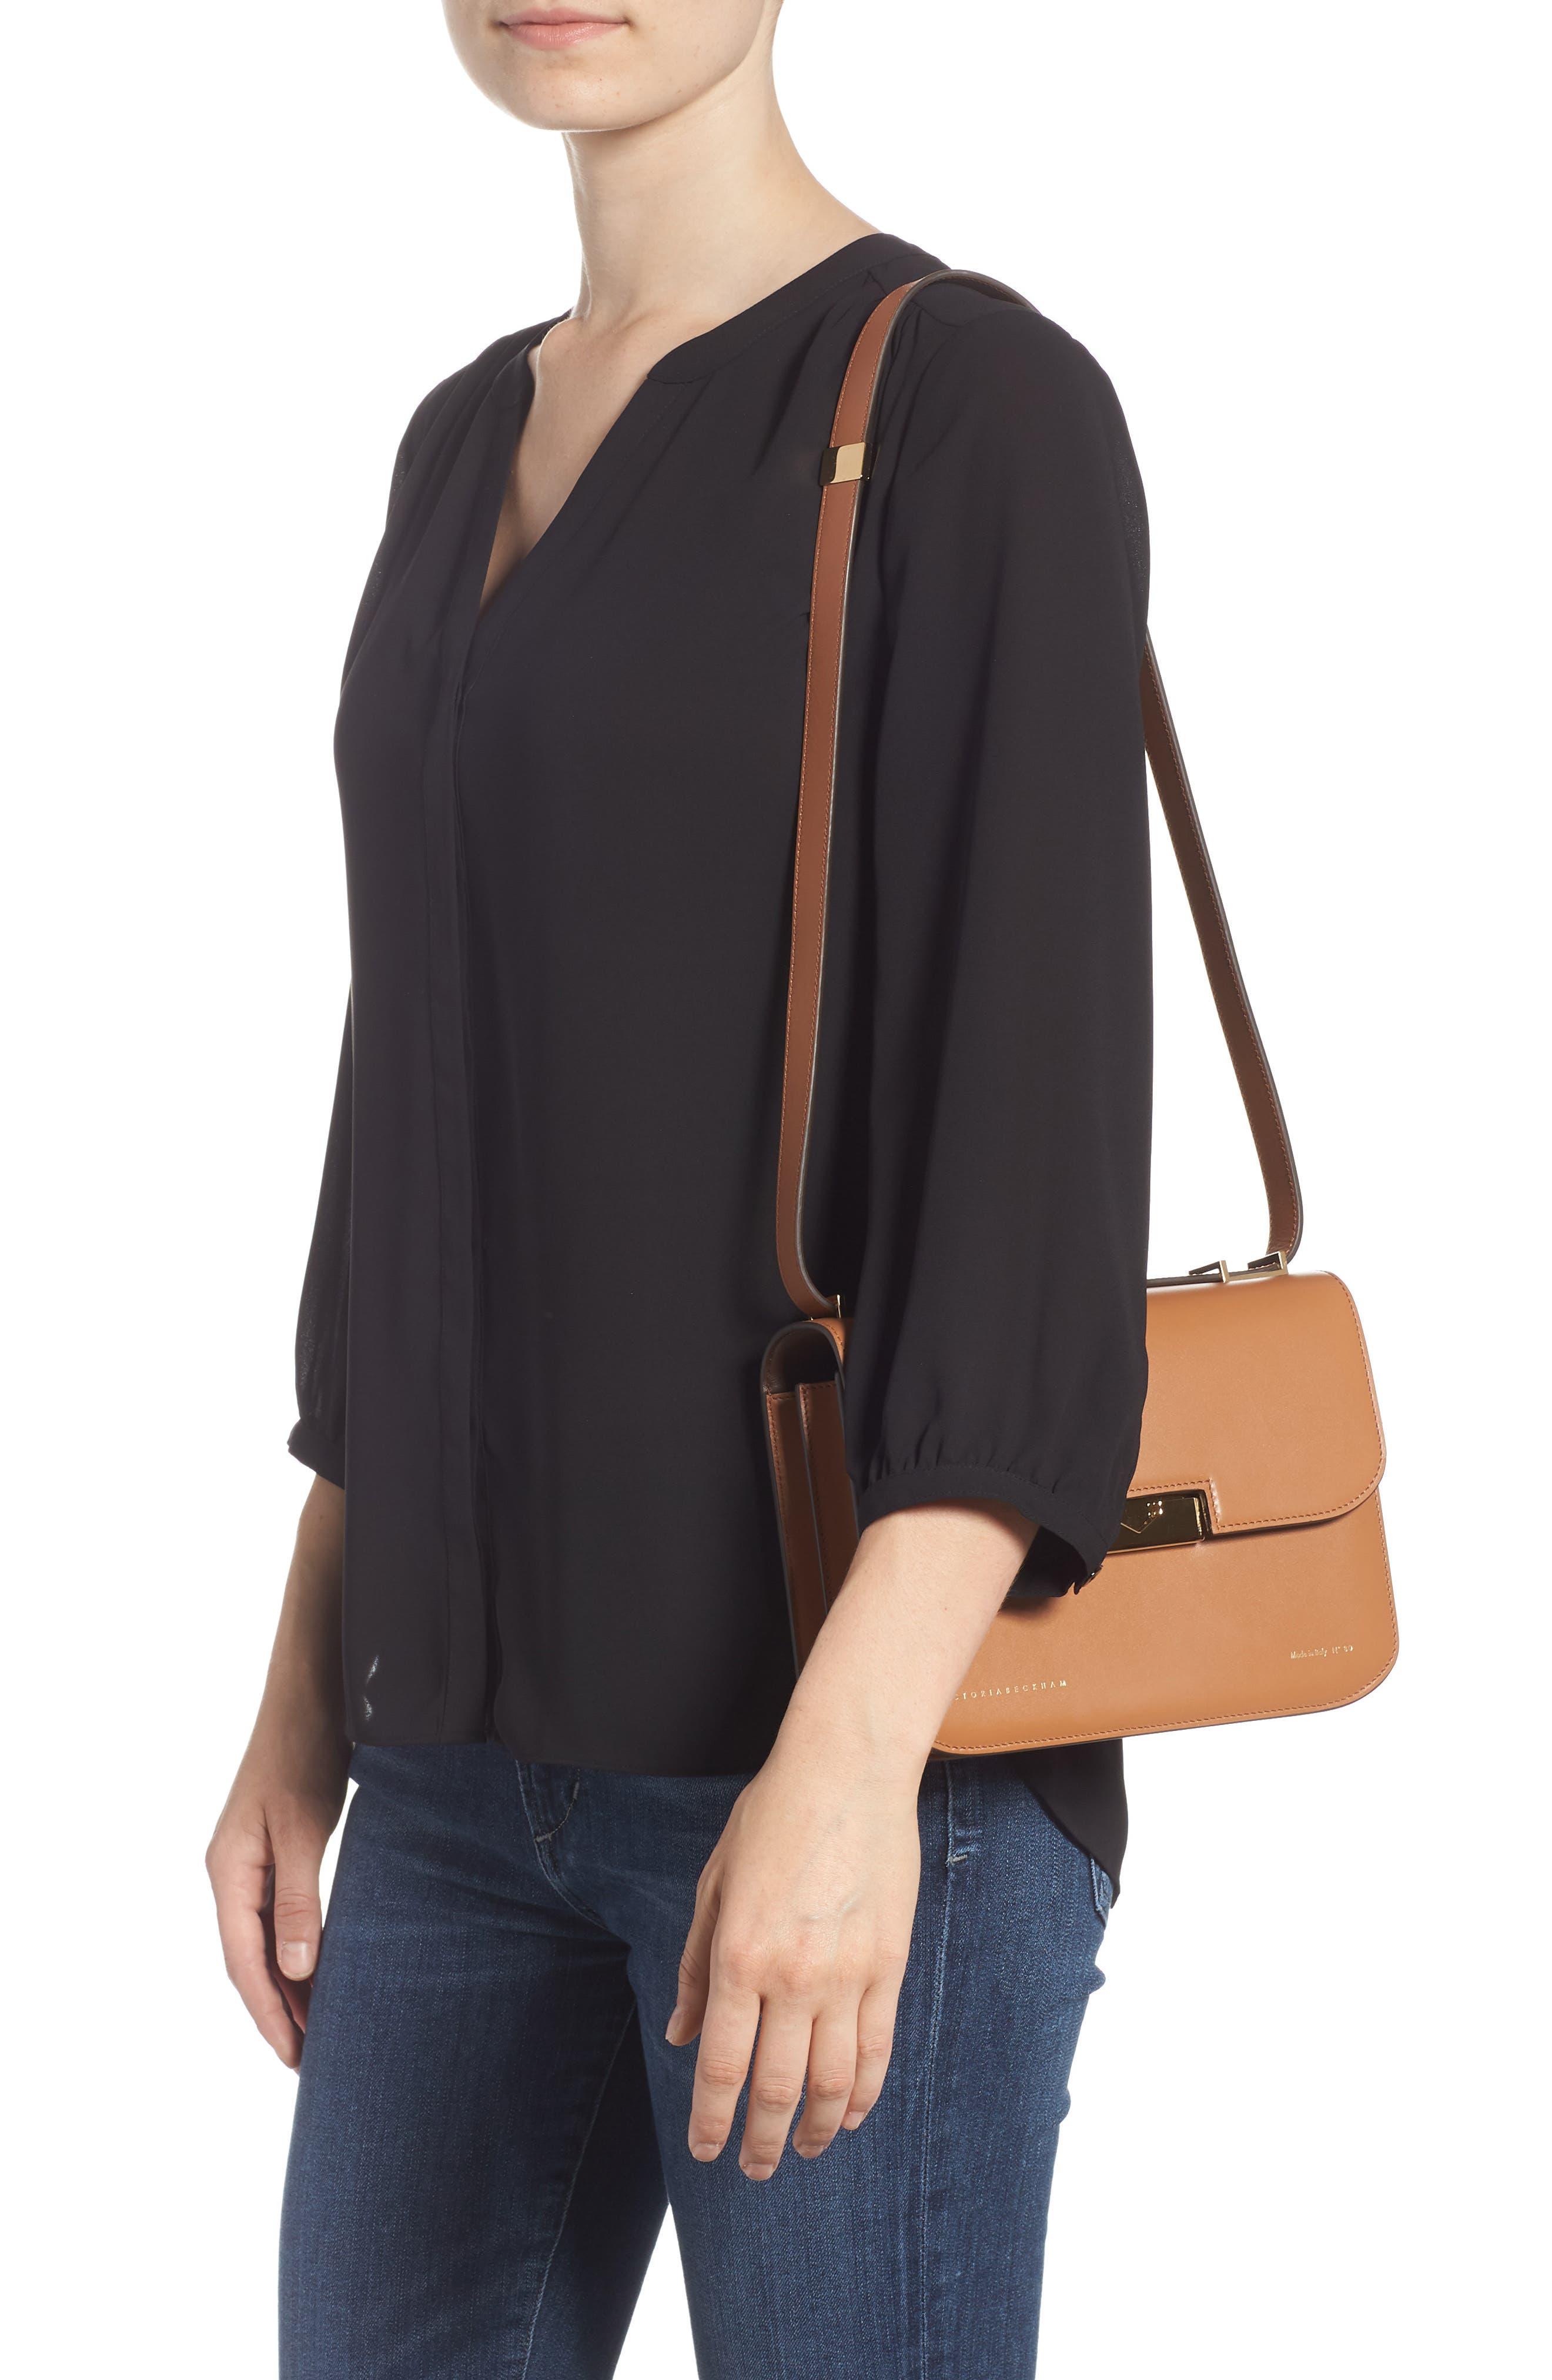 VICTORIA BECKHAM, Eva Calfskin Leather Shoulder Bag, Alternate thumbnail 2, color, CAMEL